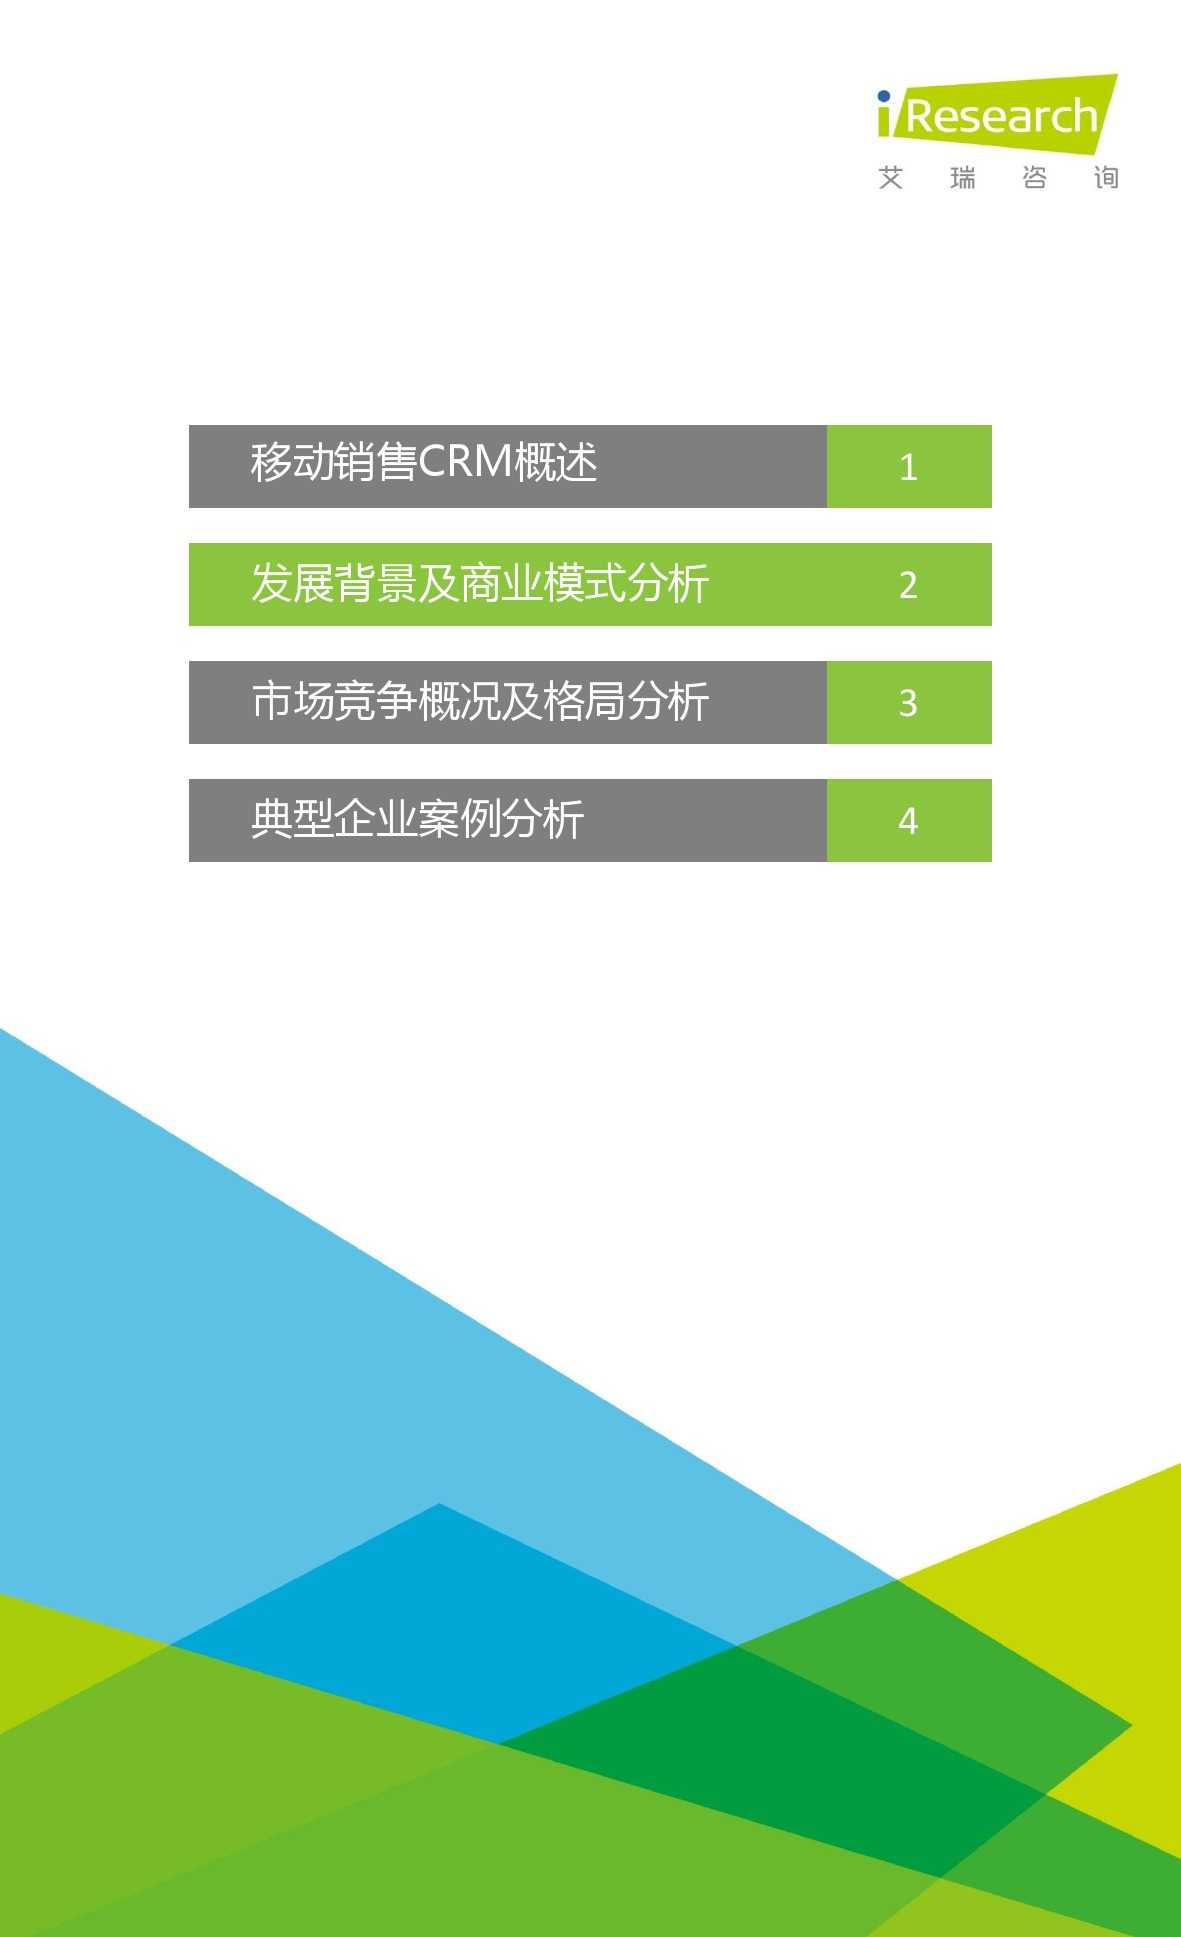 2015年中国移动销售CRM行业研究报告_000008